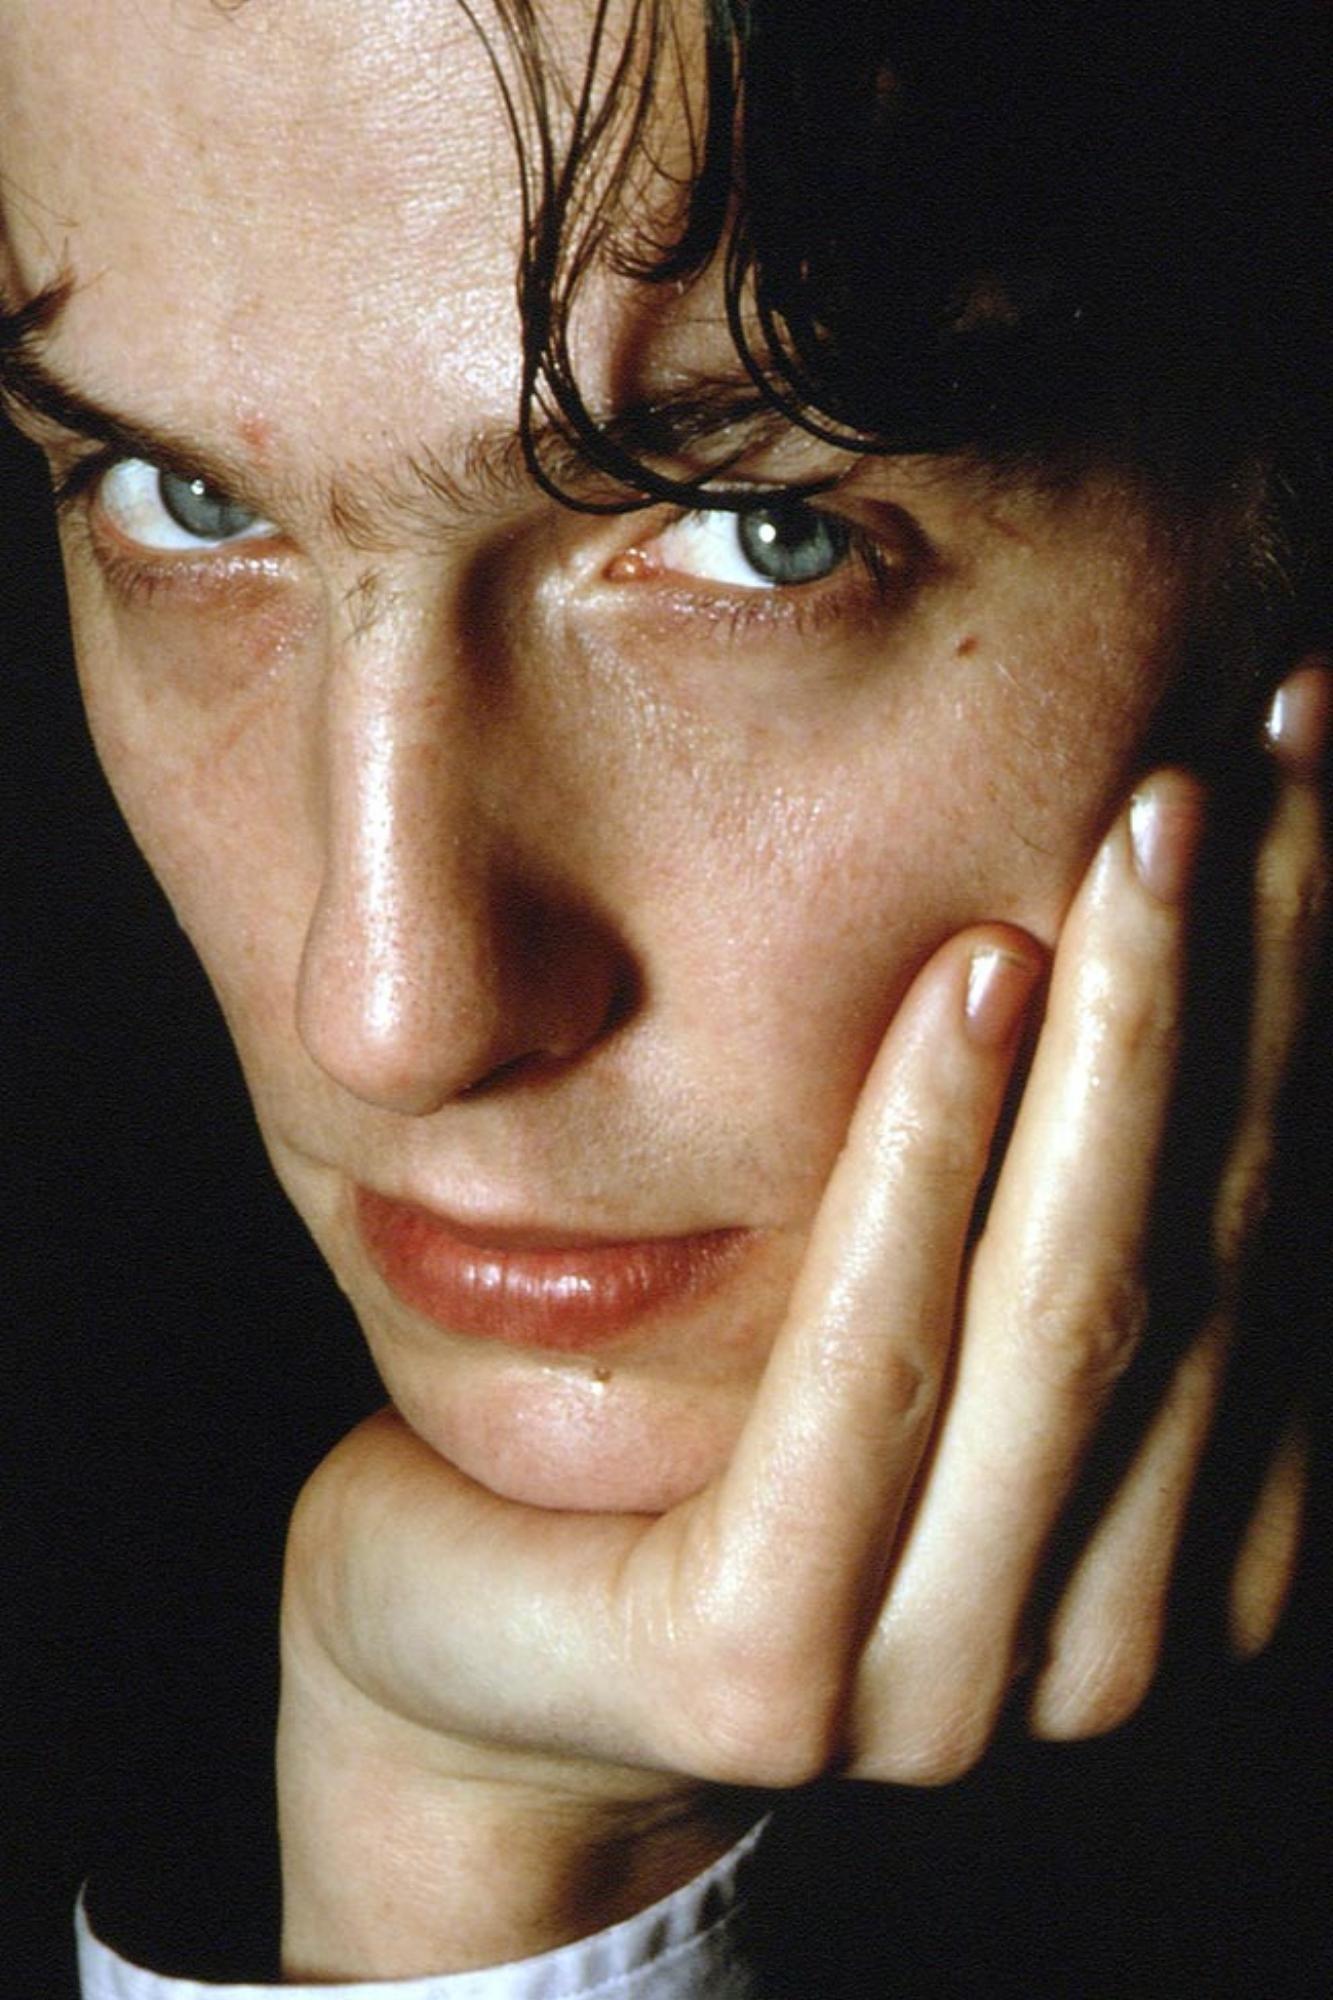 Hugh Grant photo 28 of 63 pics, wallpaper - photo #106694 ...